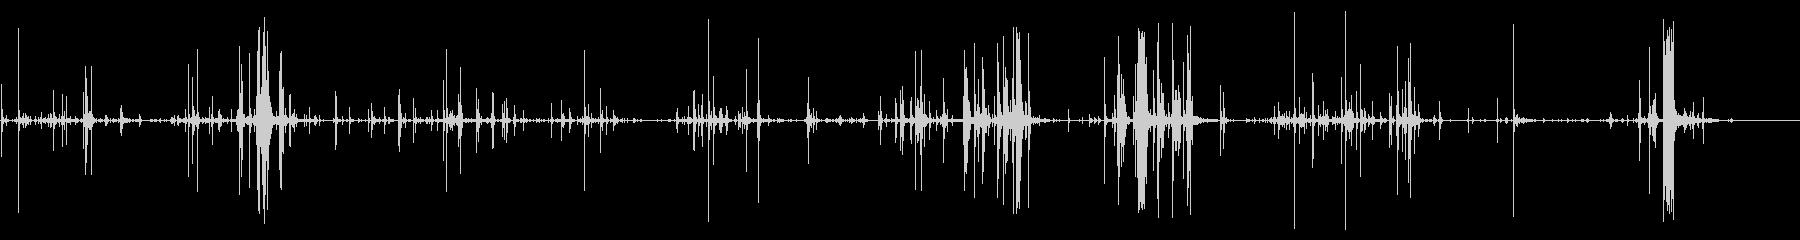 ウッドクラッキングウッドヒットの未再生の波形